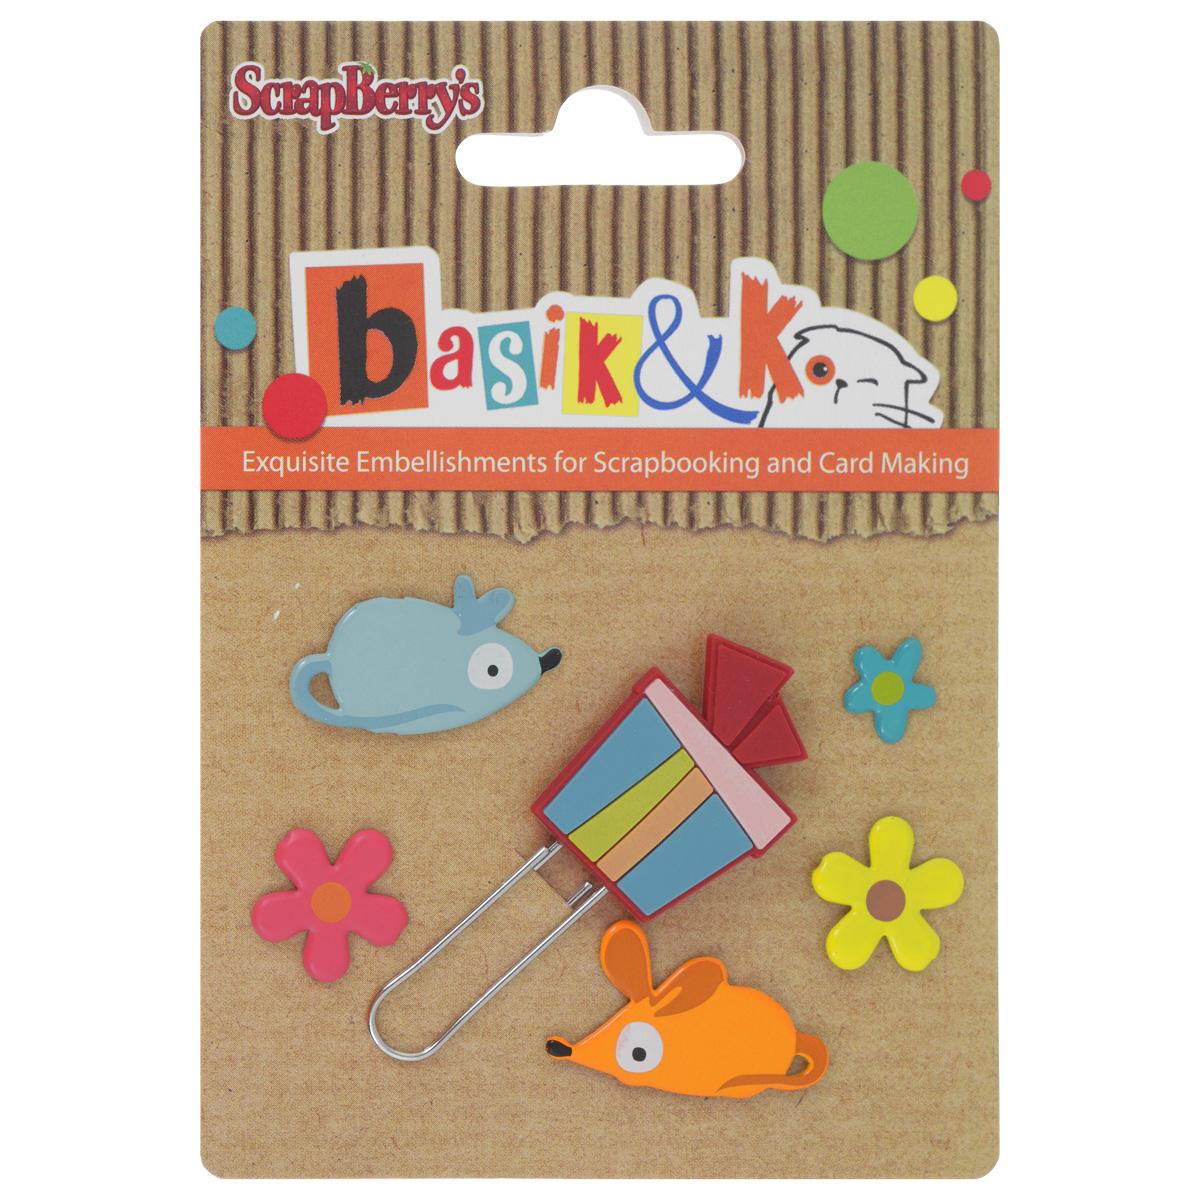 Набор брадсов Basik & K Кошки-мышки, 6 штSCB340944Брадсы Basik & K Кошки-мышки изготовлены из металла и резины. В наборе представлены брадсы различных размеров, форм и цветов. Такой набор прекрасно подойдет для декора и оформления творческих работ в различных техниках, таких как скрапбукинг, шитье, декор, изготовление бижутерии и многого другого. Брадсы разнообразят вашу работу и добавят вдохновения для новых идей.Размер самого большого брадса: 2,5 см х 2 см.Диаметр самого маленького брадса: 0,9 см.